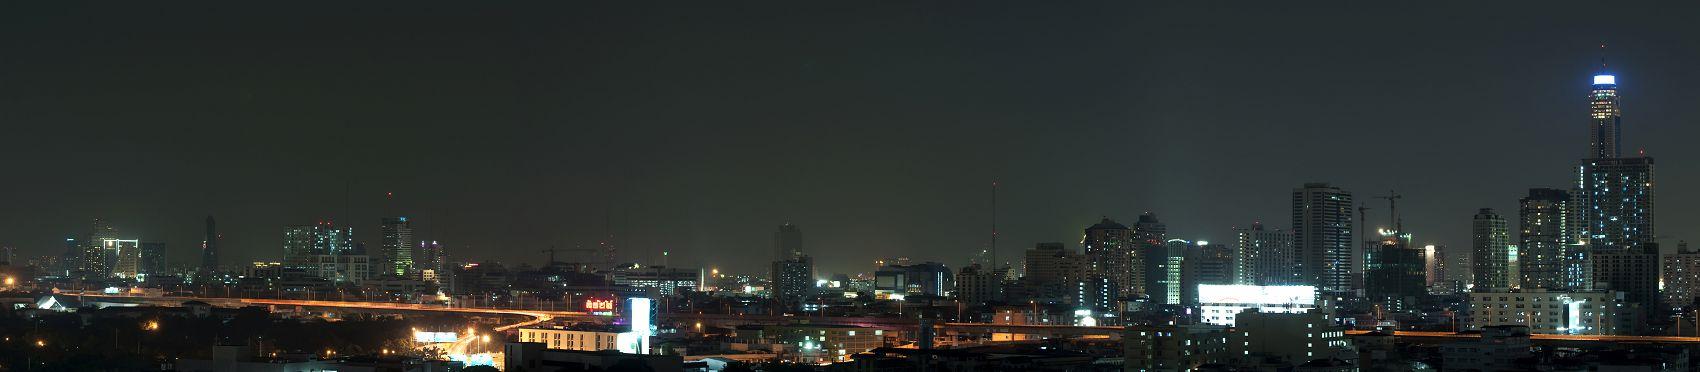 Ночная панорама